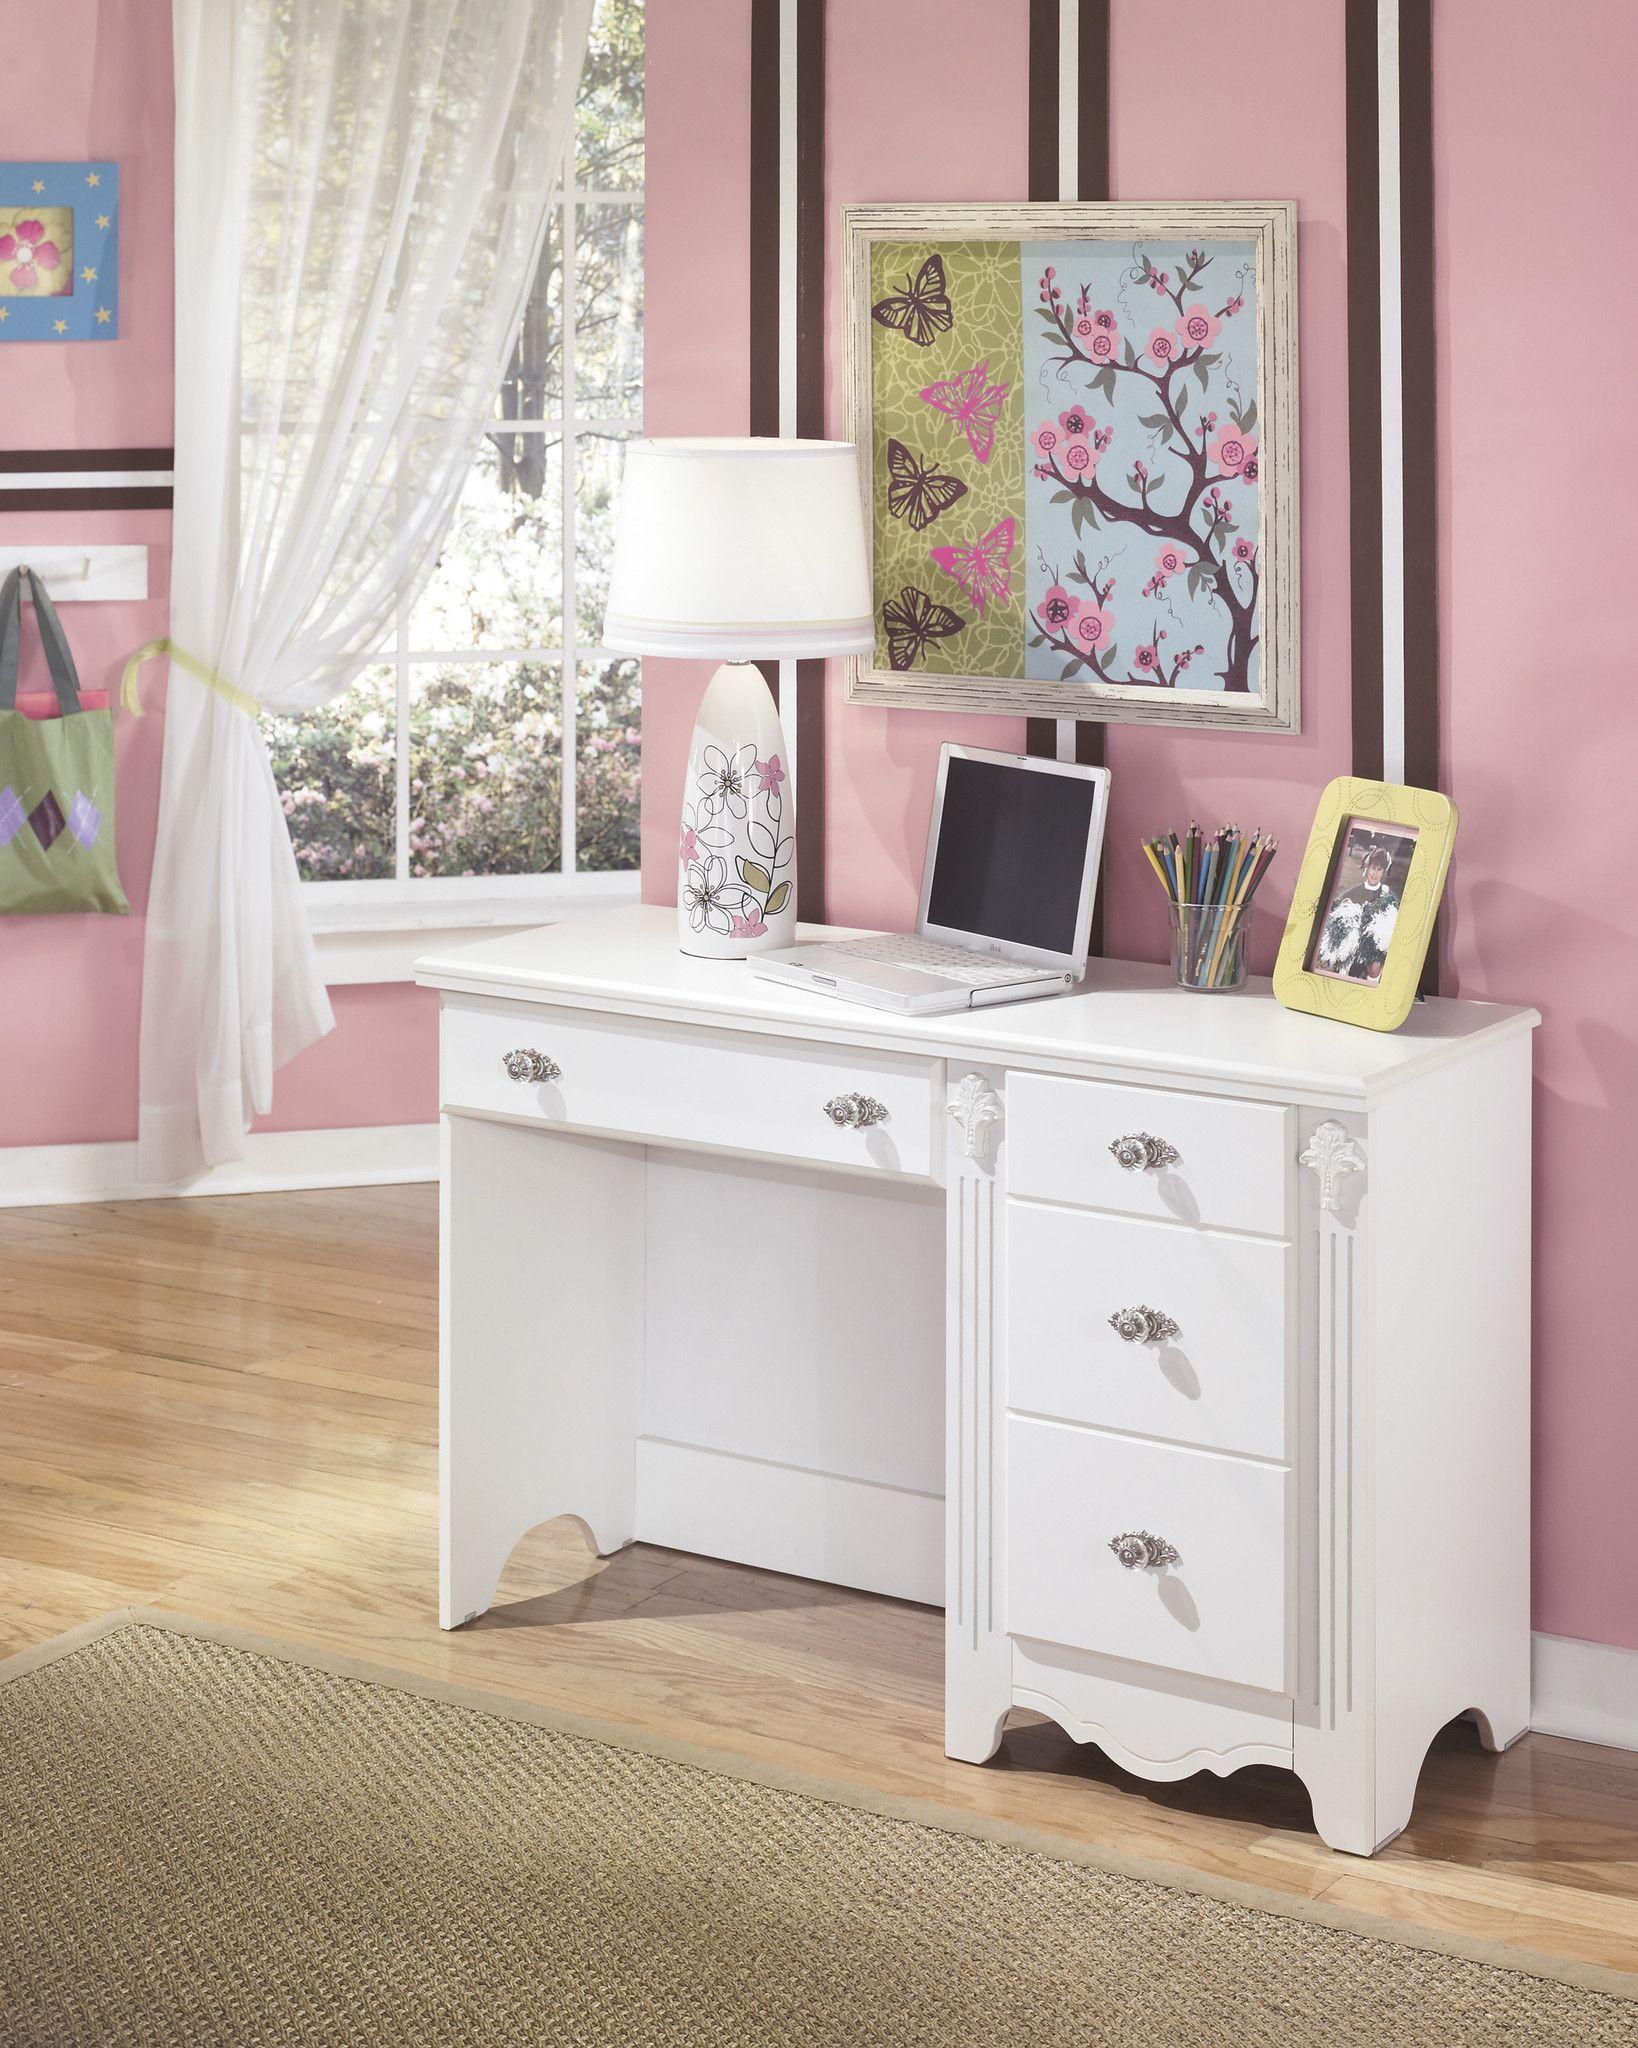 Exquisite Bedroom Desk Bedroom desk, Small bedroom desk